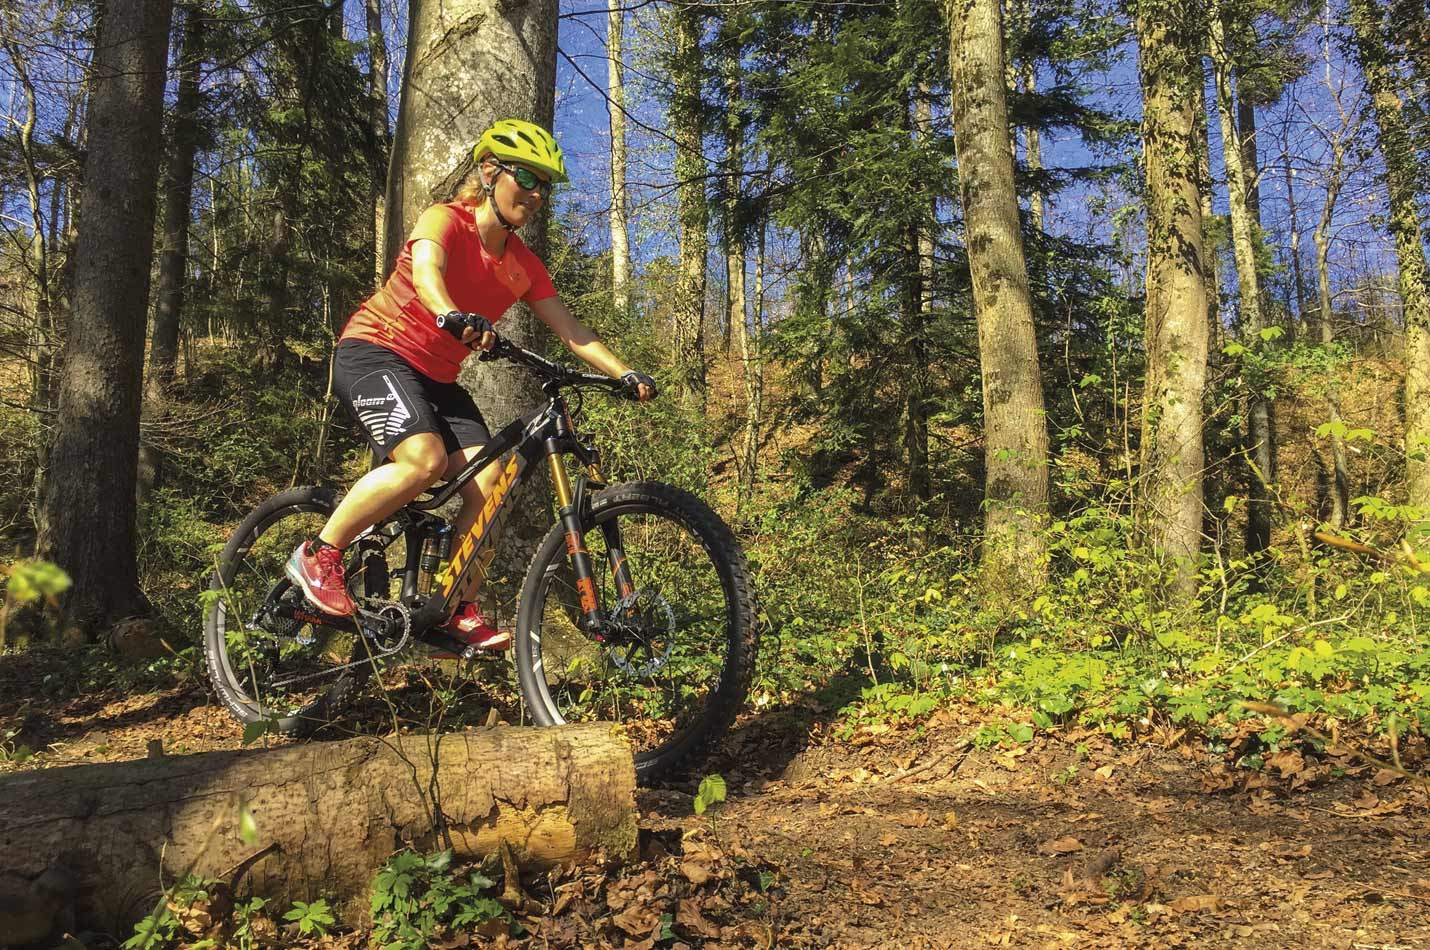 Basic Bike Kurs für Frauen mit einer Bikerin bei Abendlicht auf einem Trail im Wald